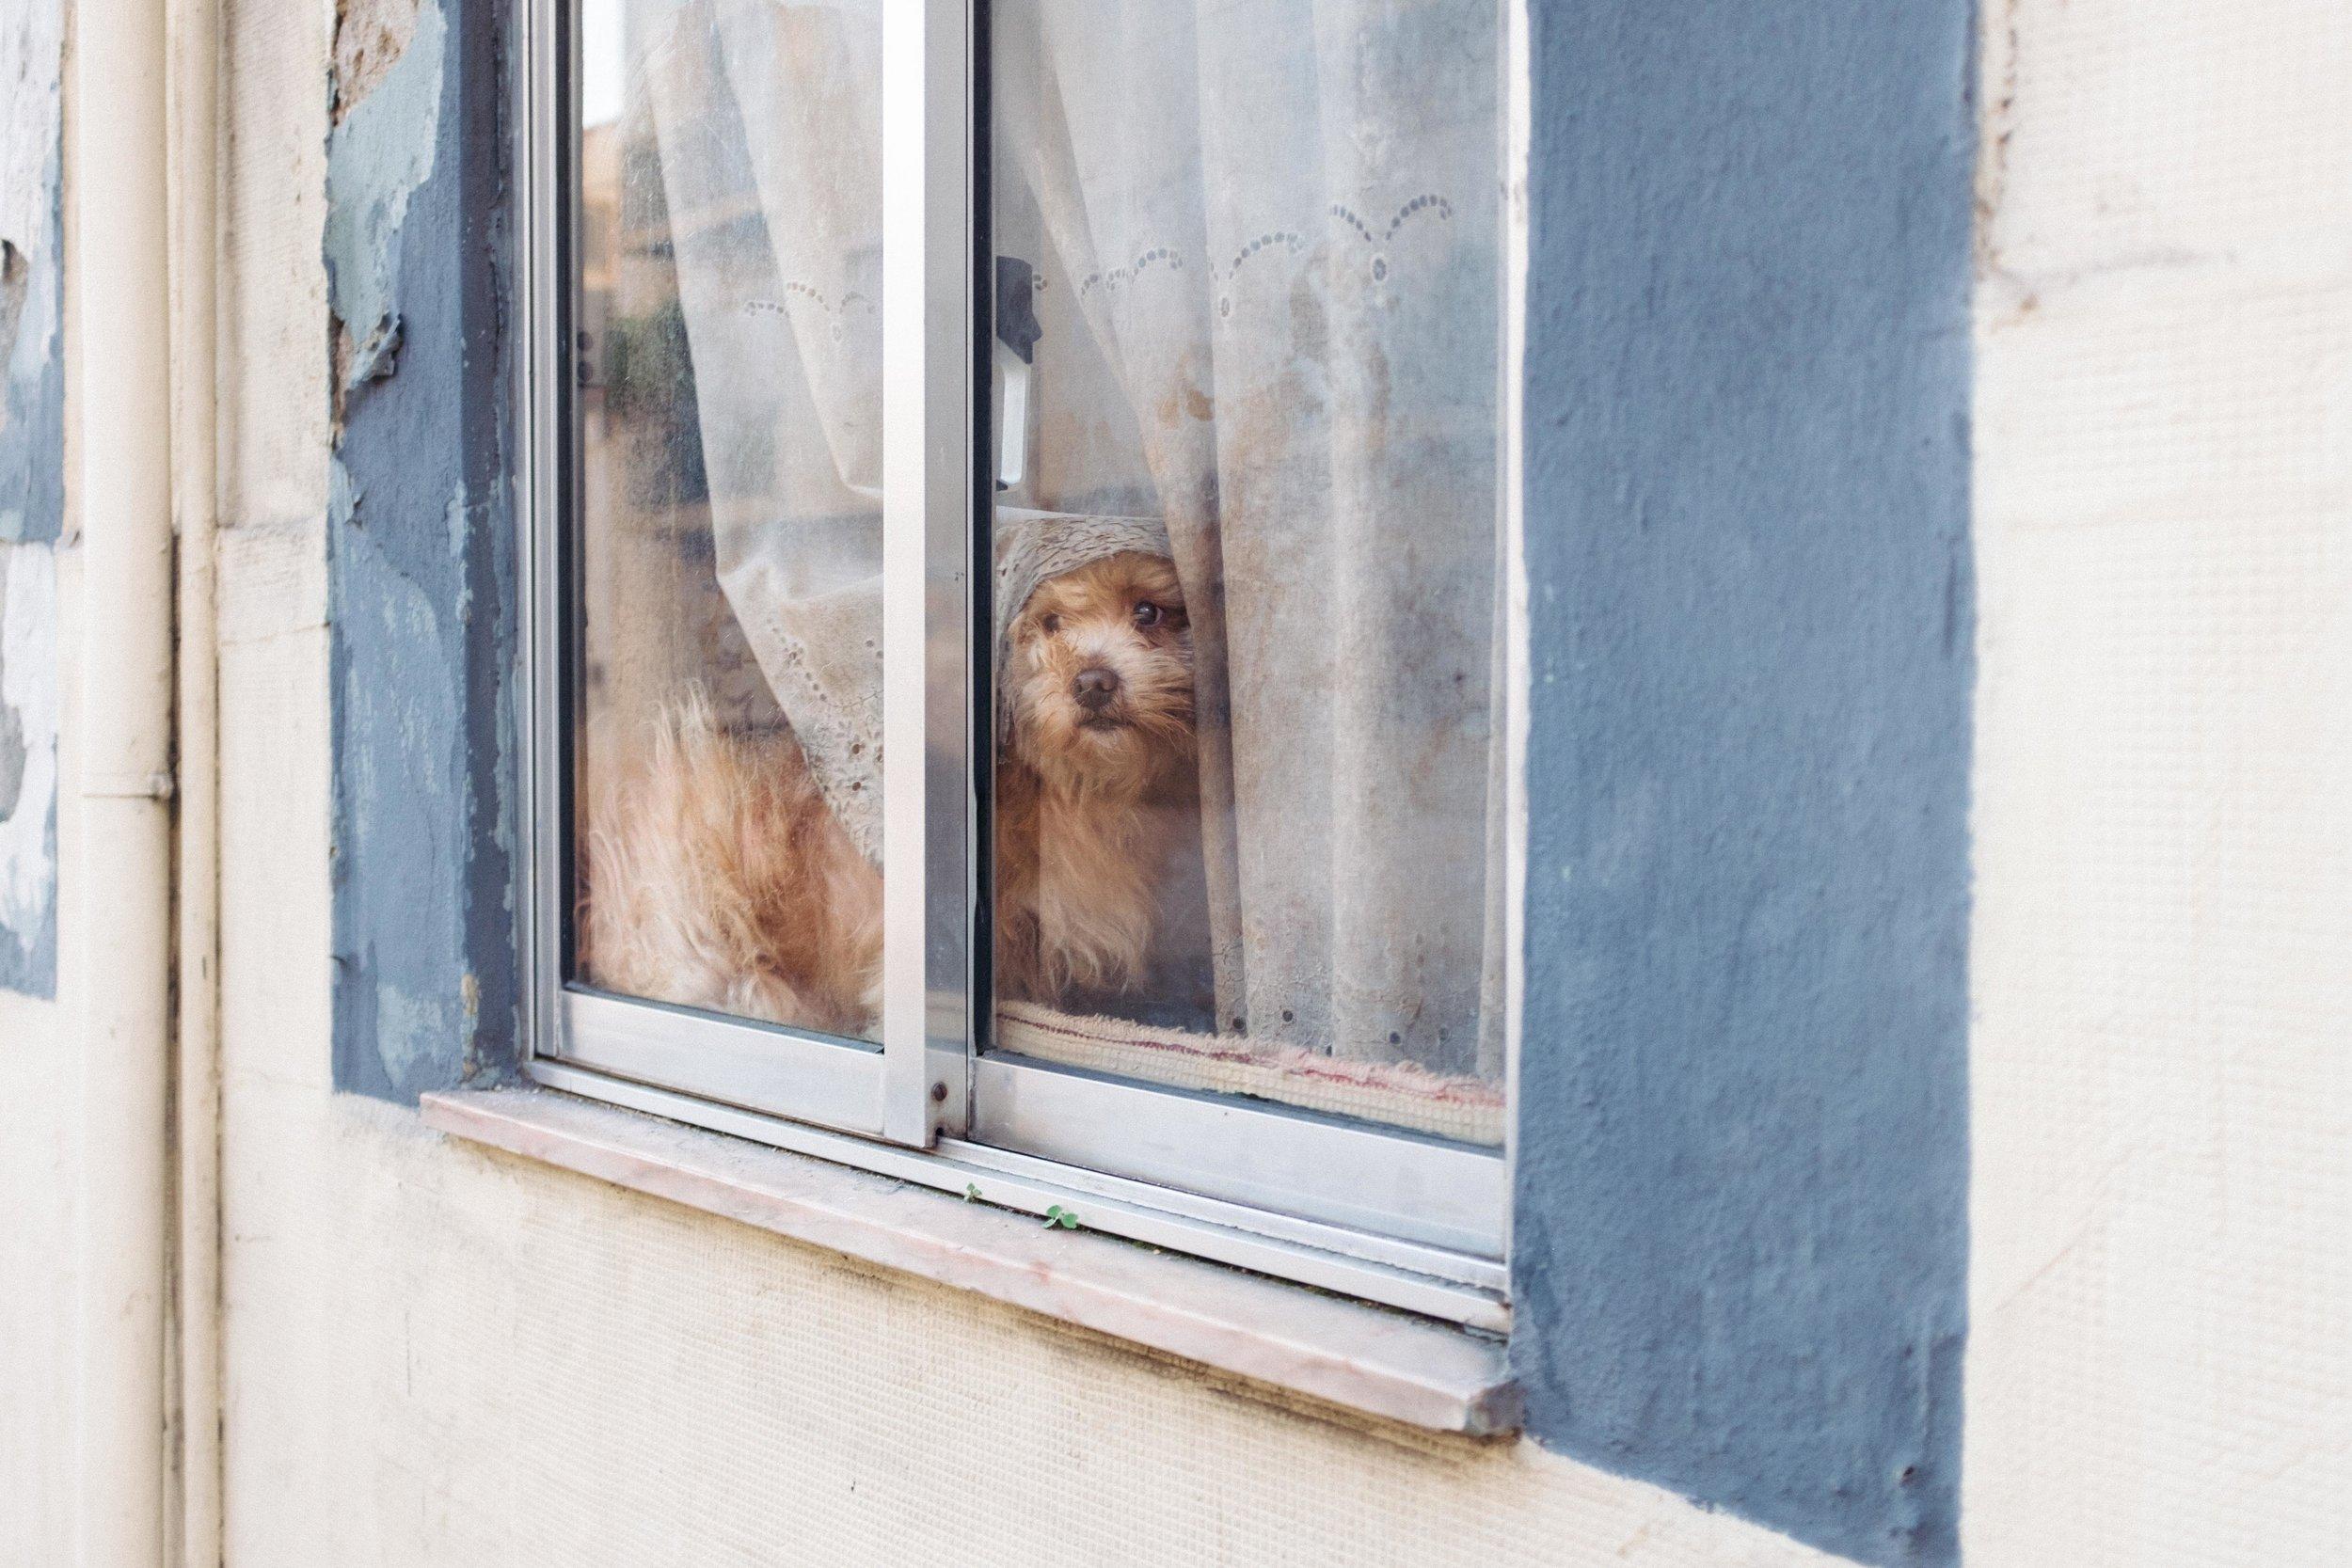 lisbon-portugal-dog-in-window